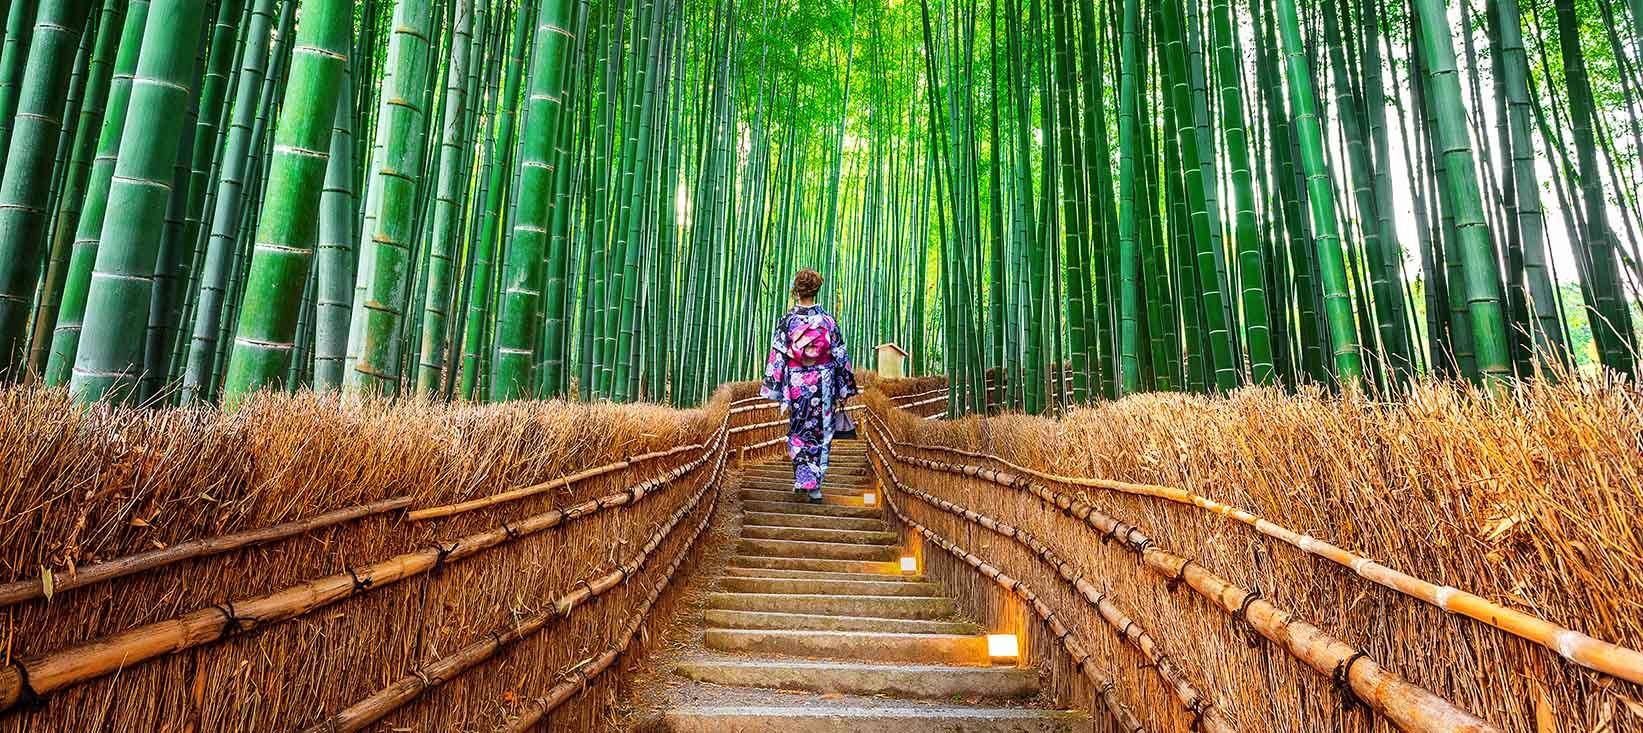 Besøg en fantastisk bambusskov nær Kyoto i Japan